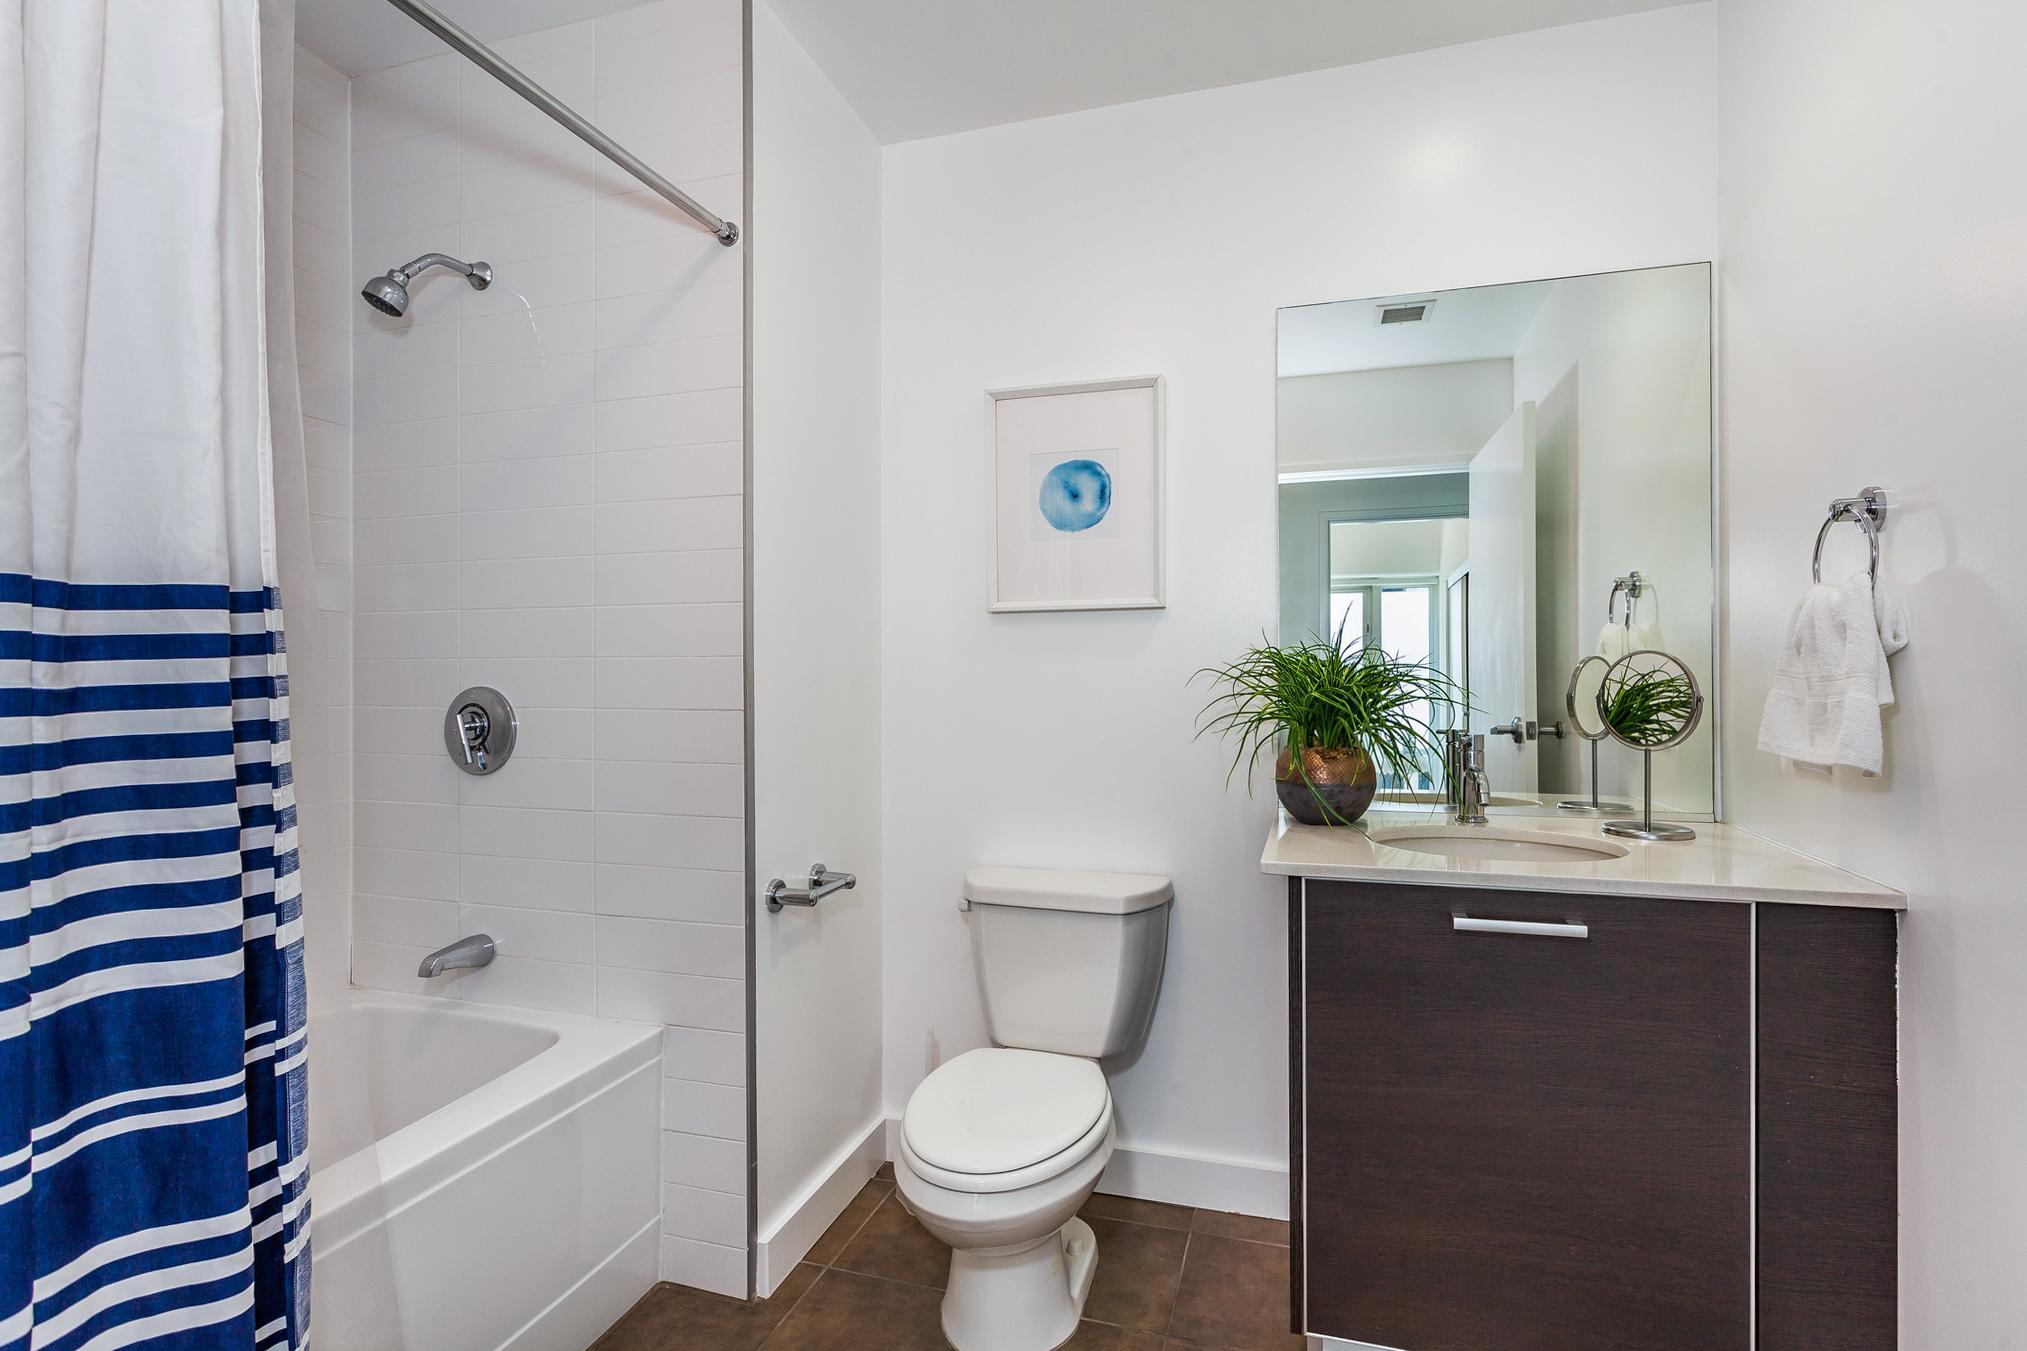 view of second bathroom from doorway